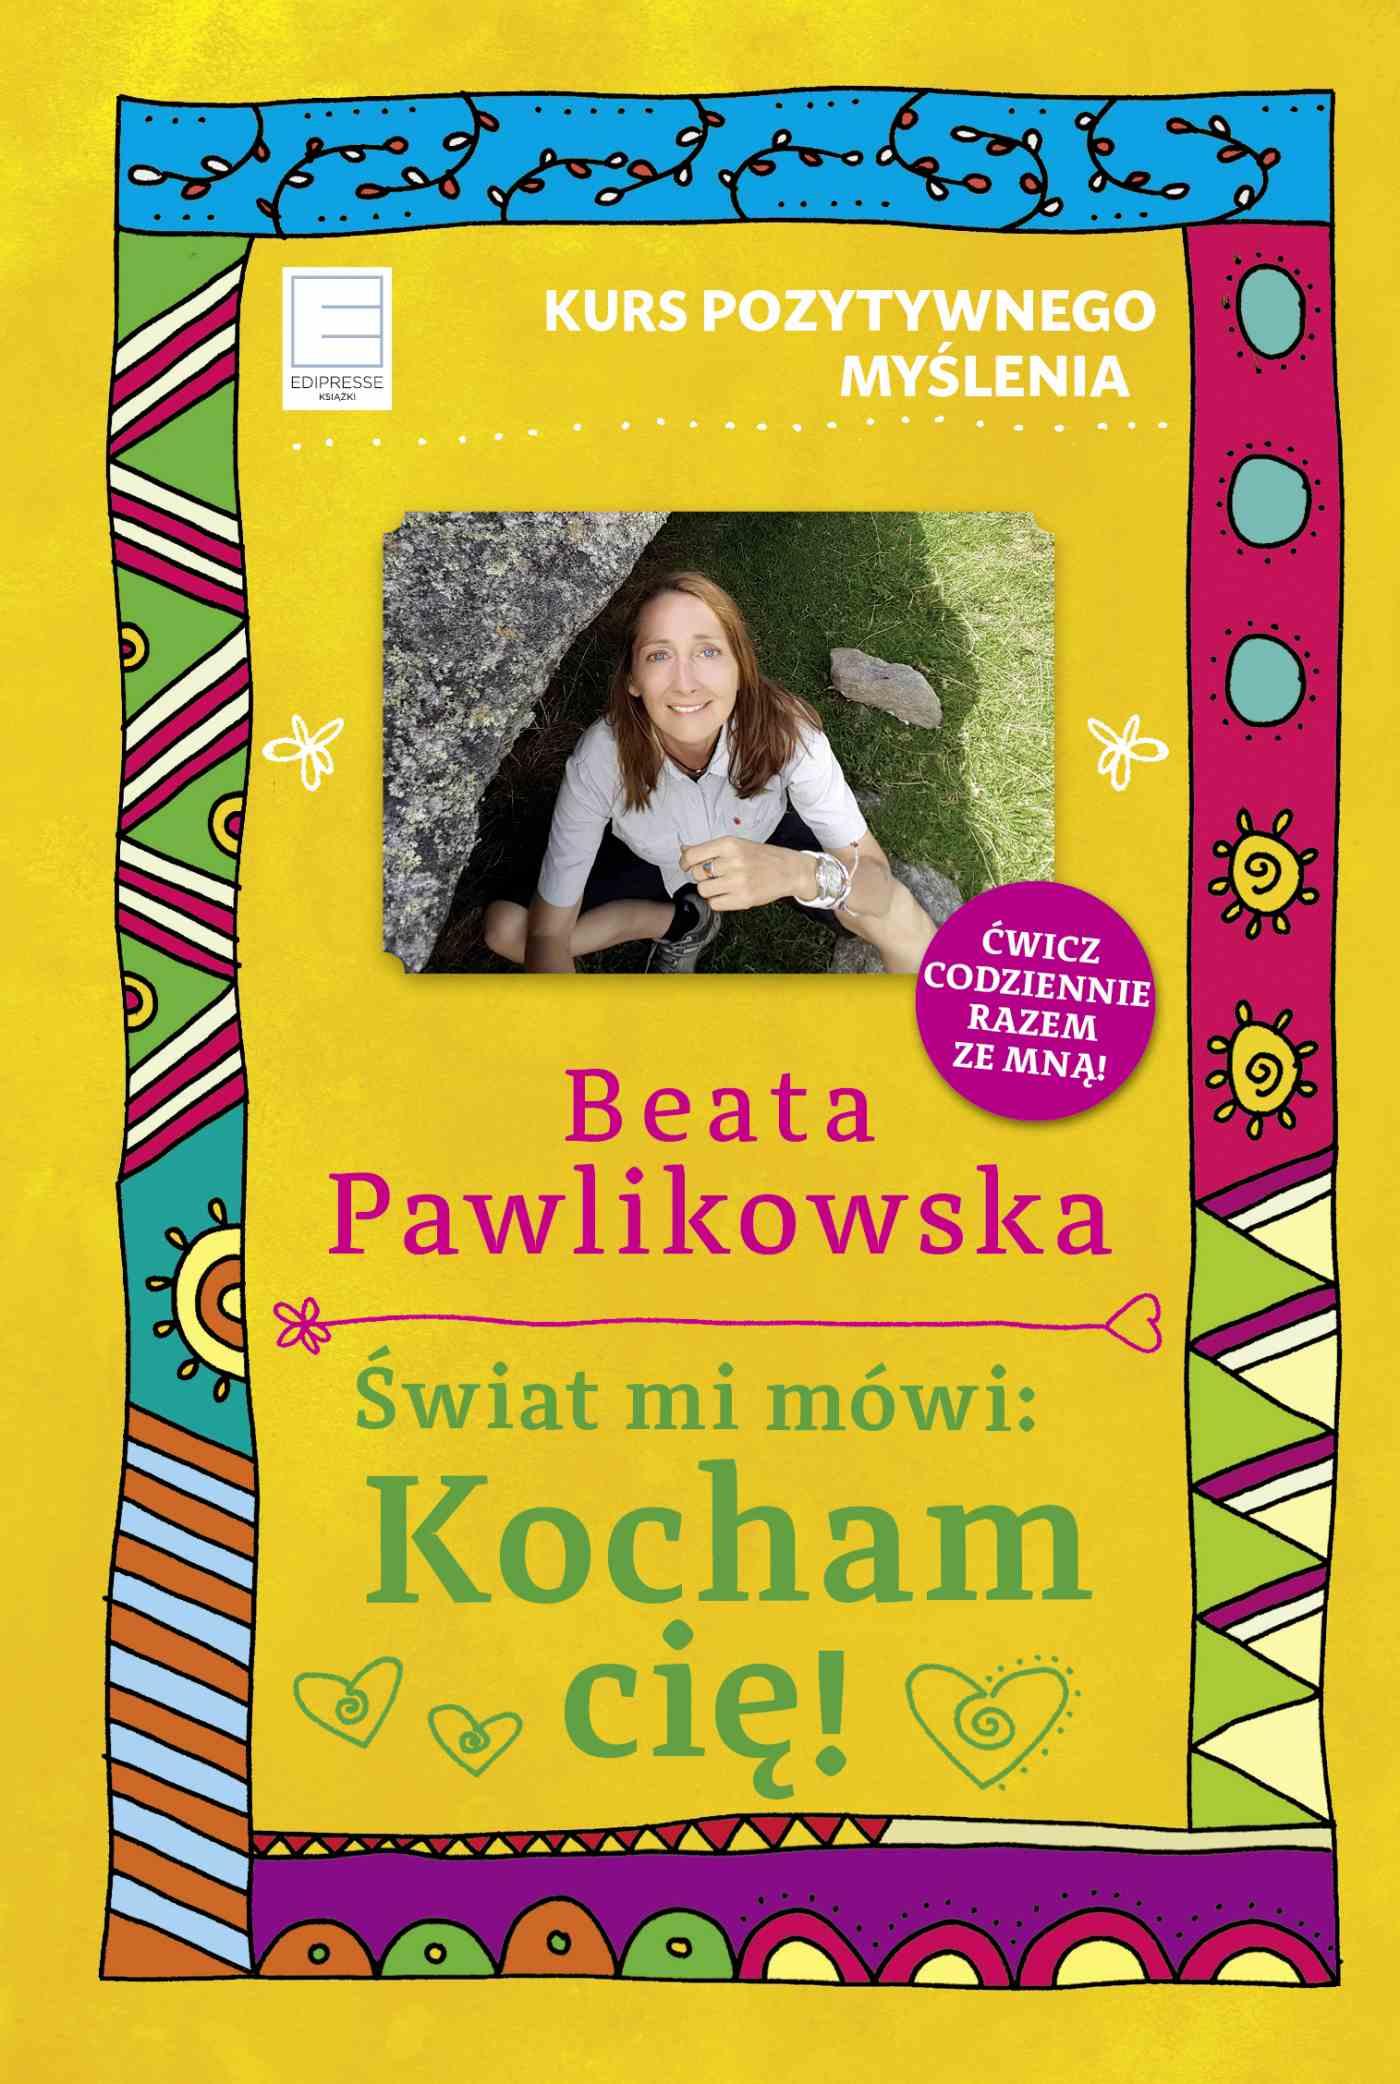 Kurs pozytywnego myślenia. Świat mi mówi: Kocham cię! - Ebook (Książka na Kindle) do pobrania w formacie MOBI